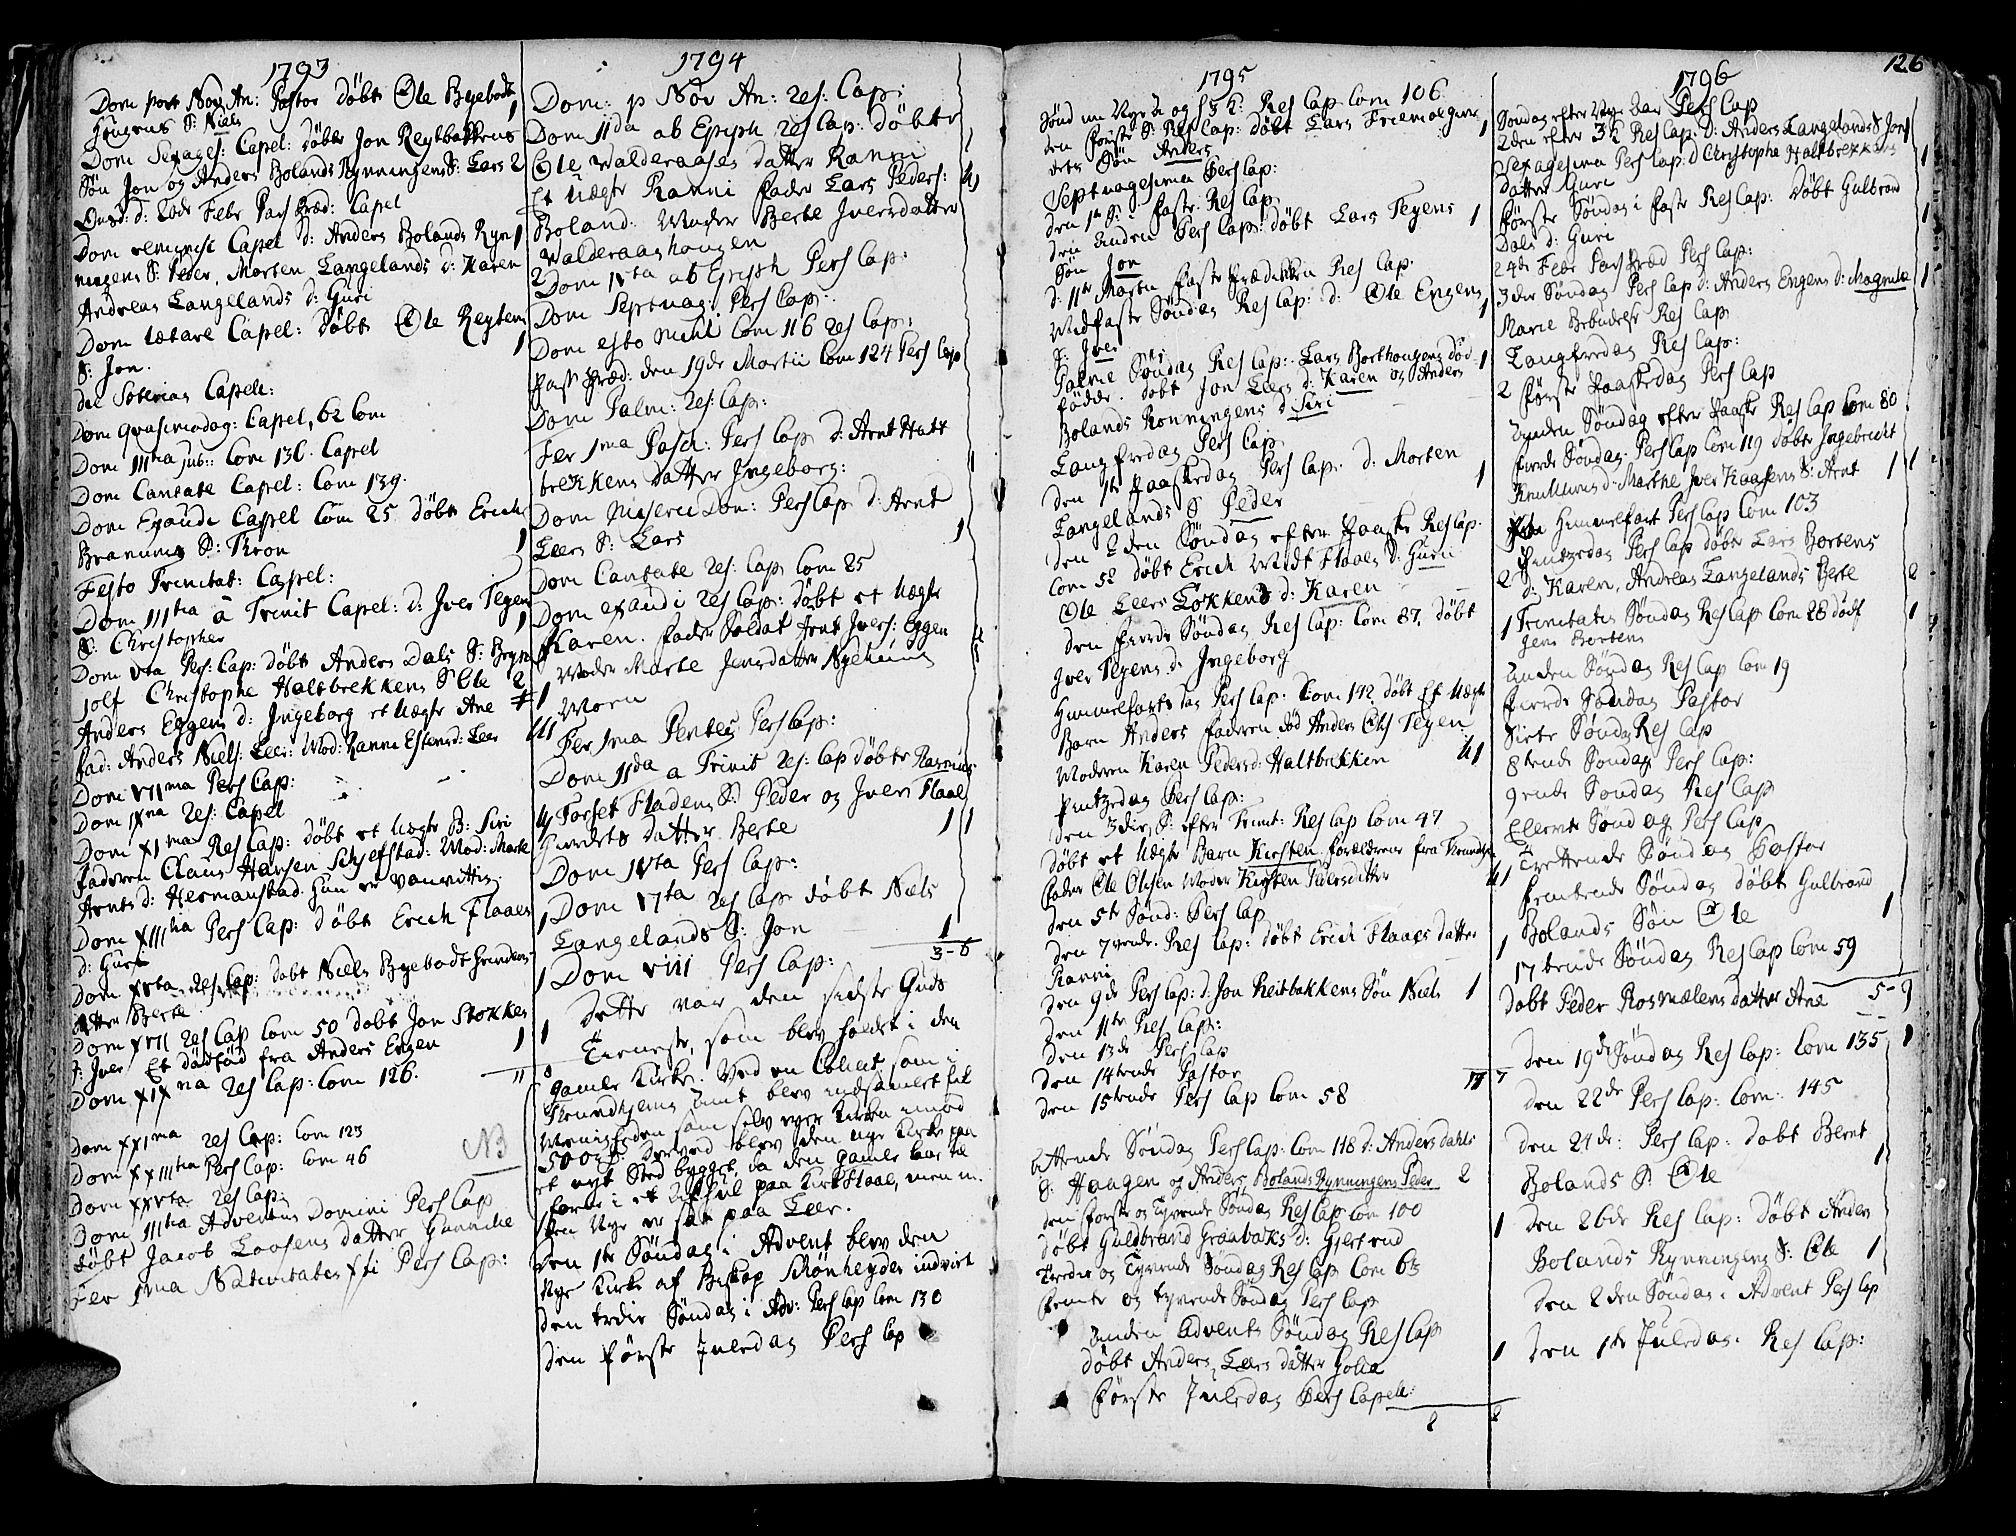 SAT, Ministerialprotokoller, klokkerbøker og fødselsregistre - Sør-Trøndelag, 691/L1062: Ministerialbok nr. 691A02 /2, 1768-1815, s. 126